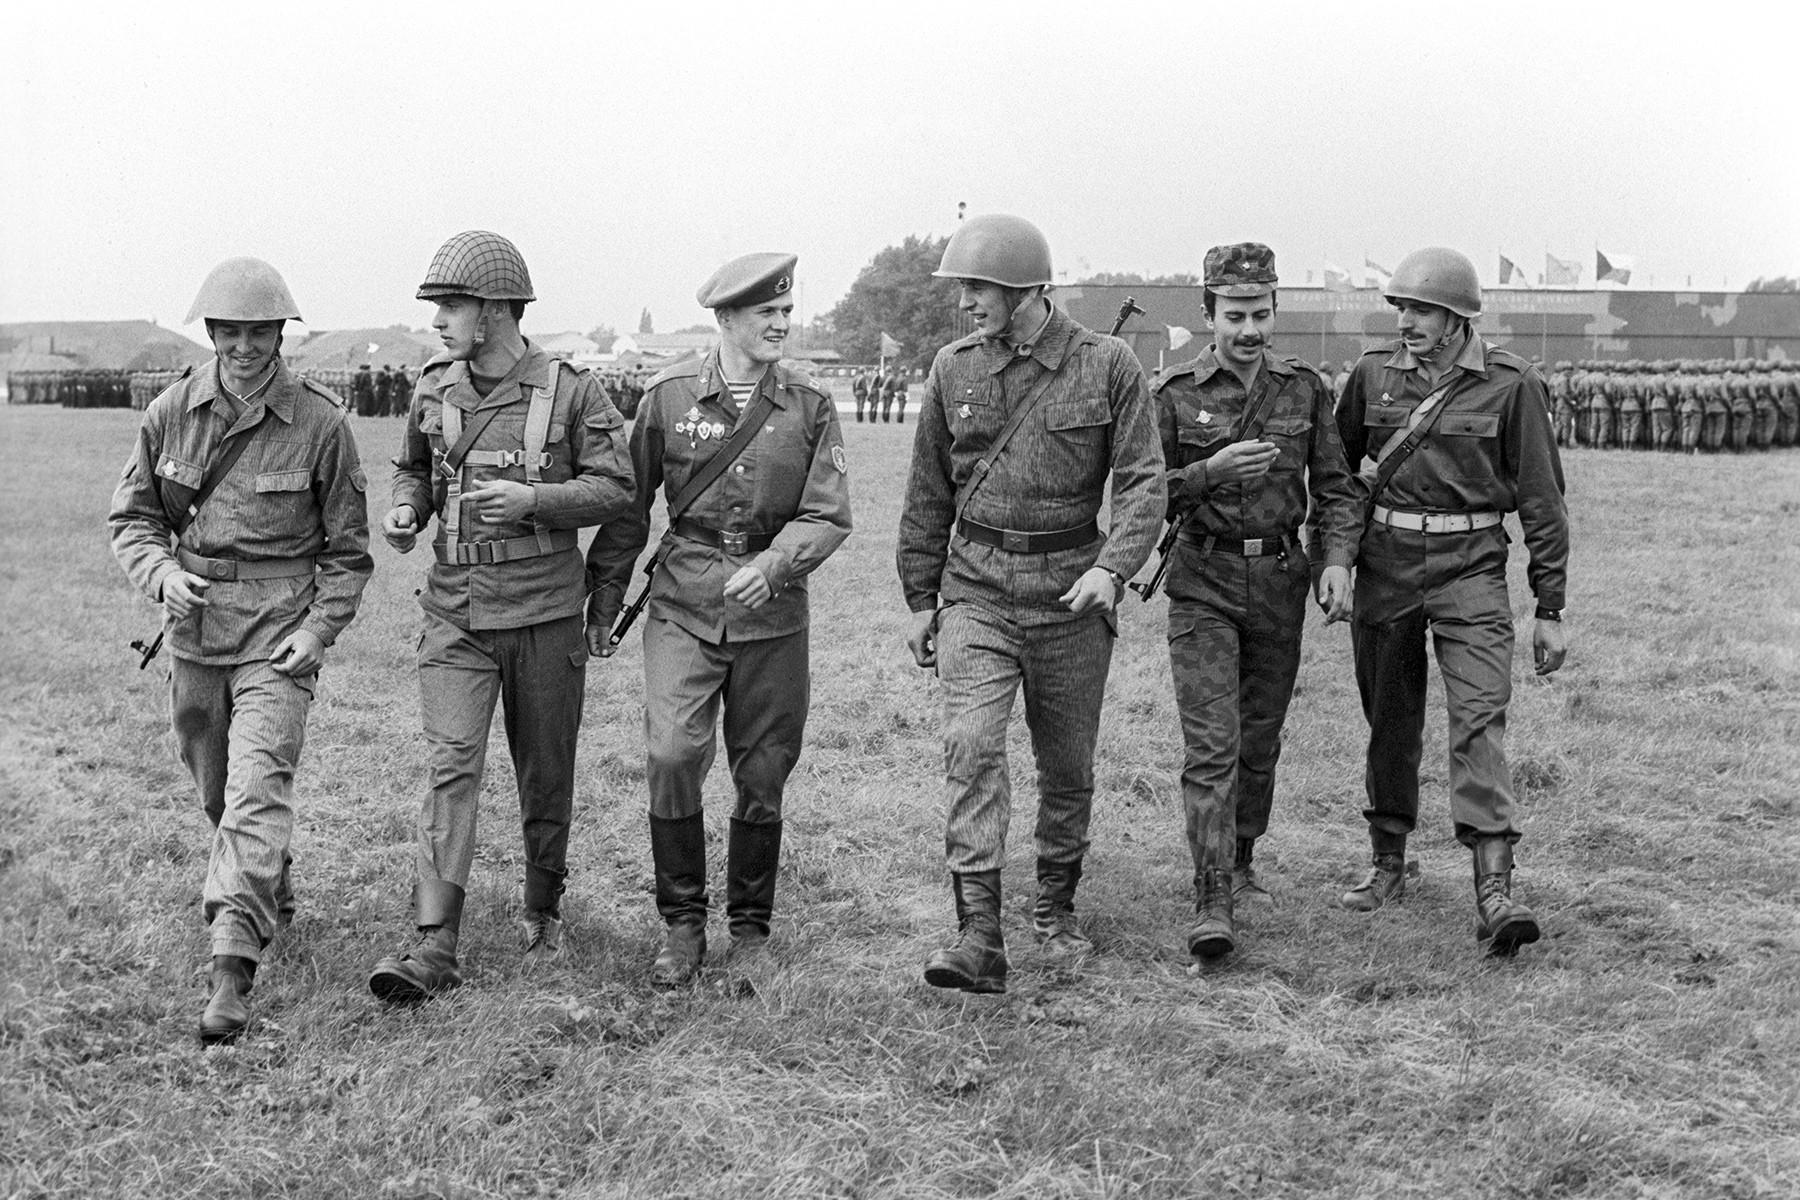 Skupne vaje Varšavskega pakta Ščit-84